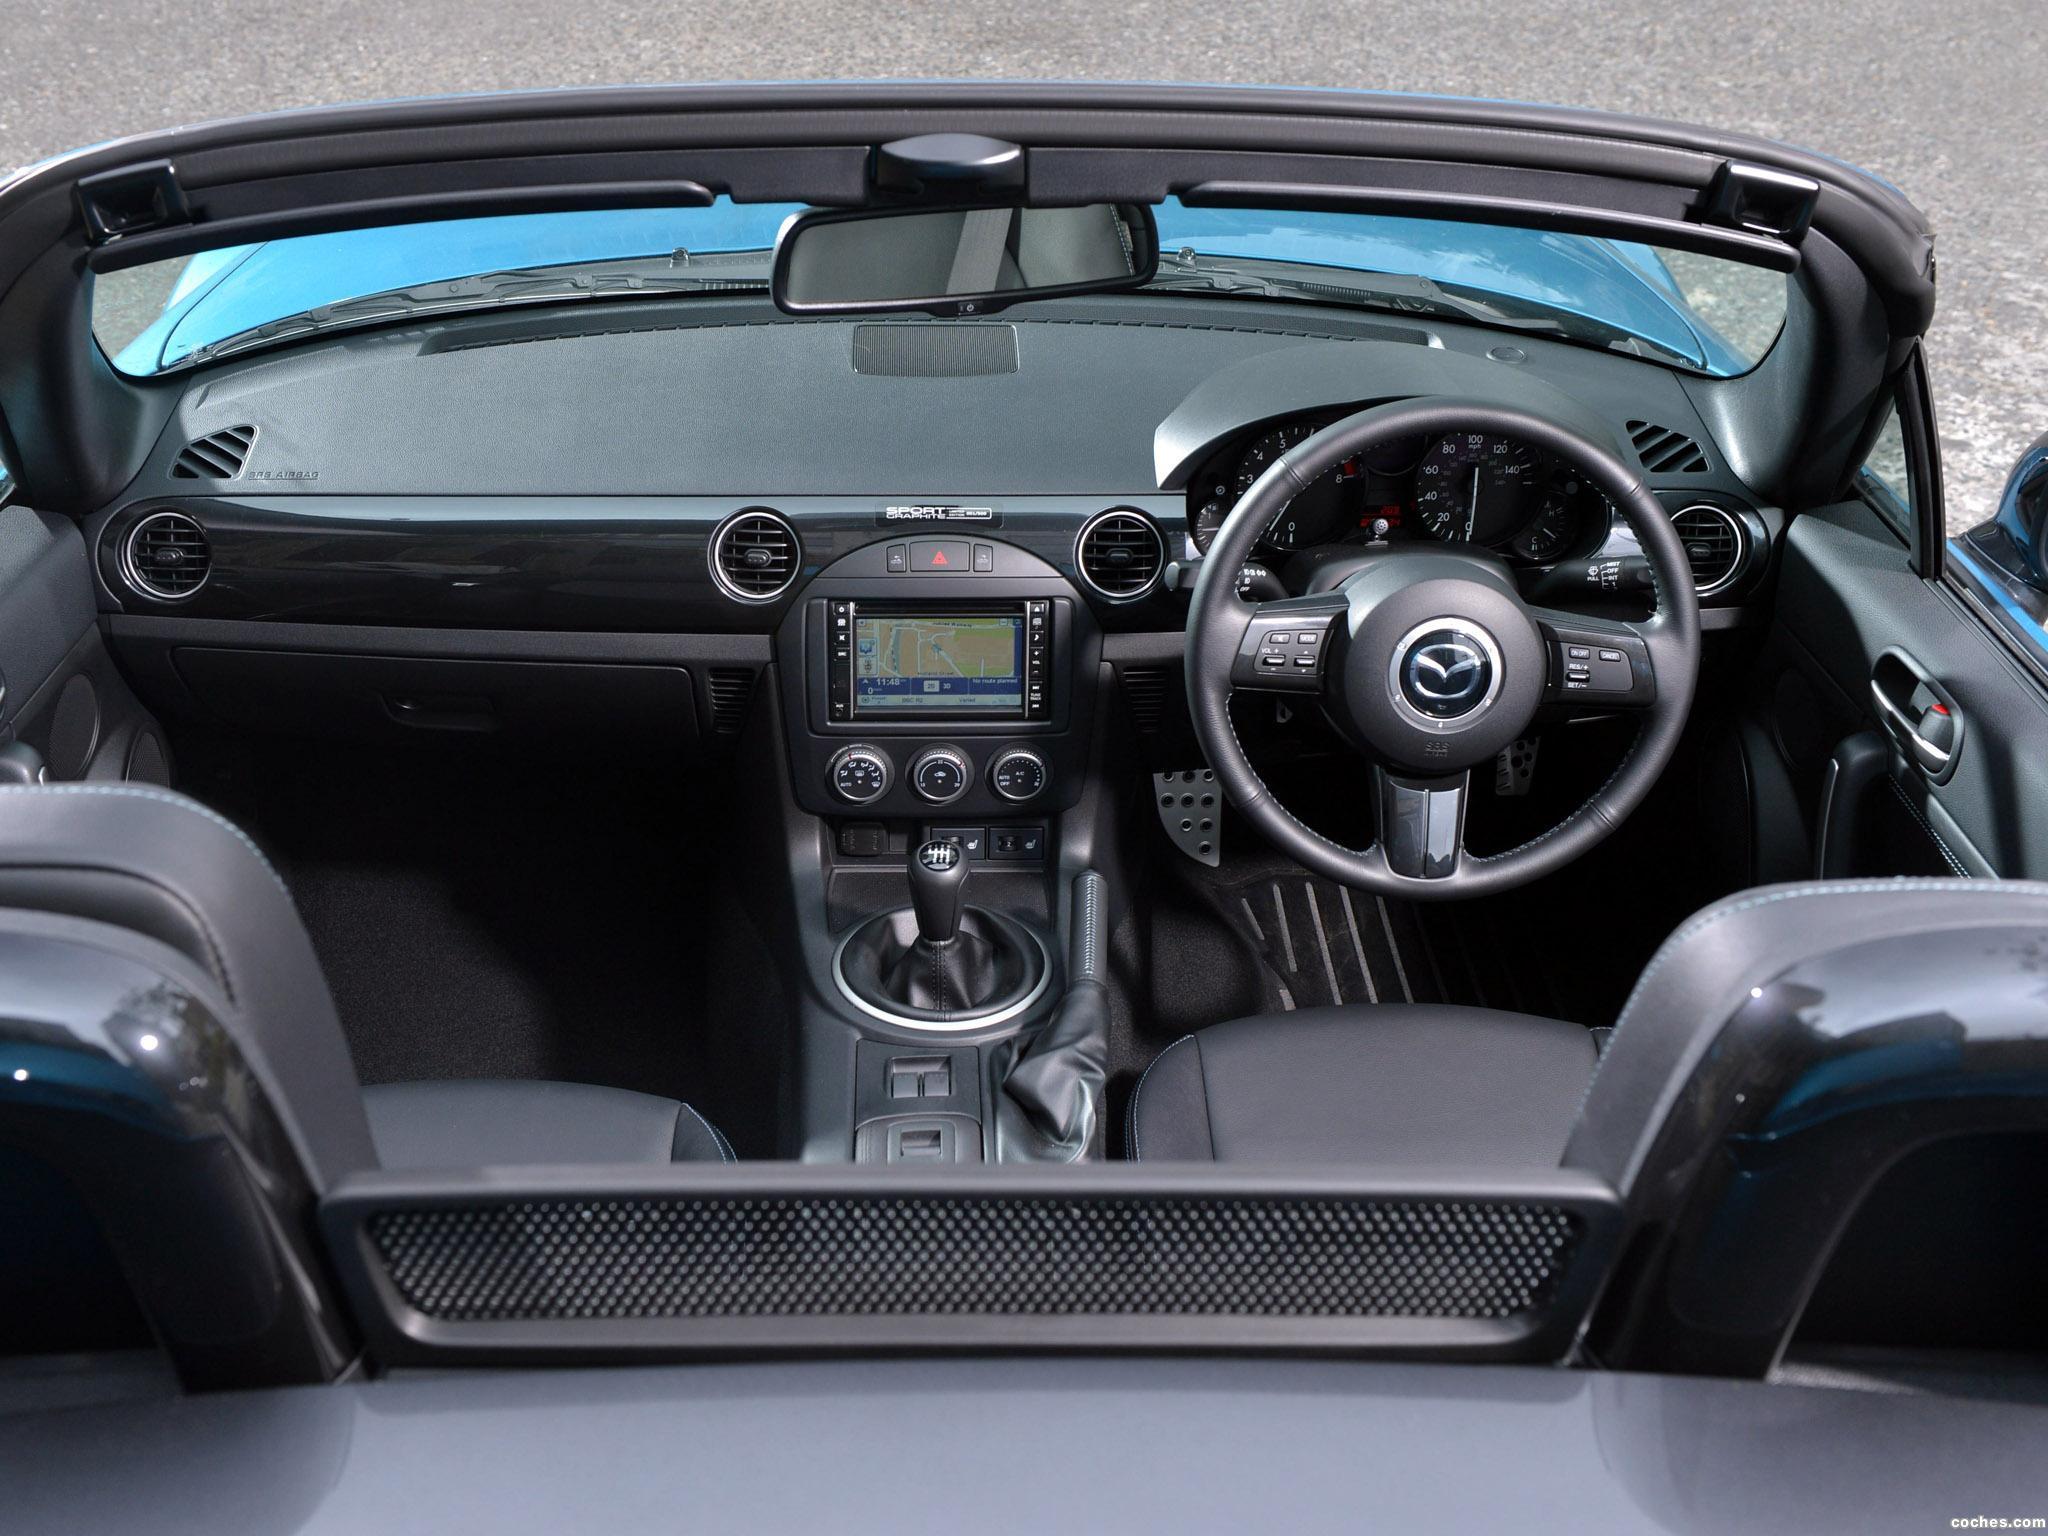 Foto 7 de Mazda MX-5 Sport Graphite Limited Edition UK 2013